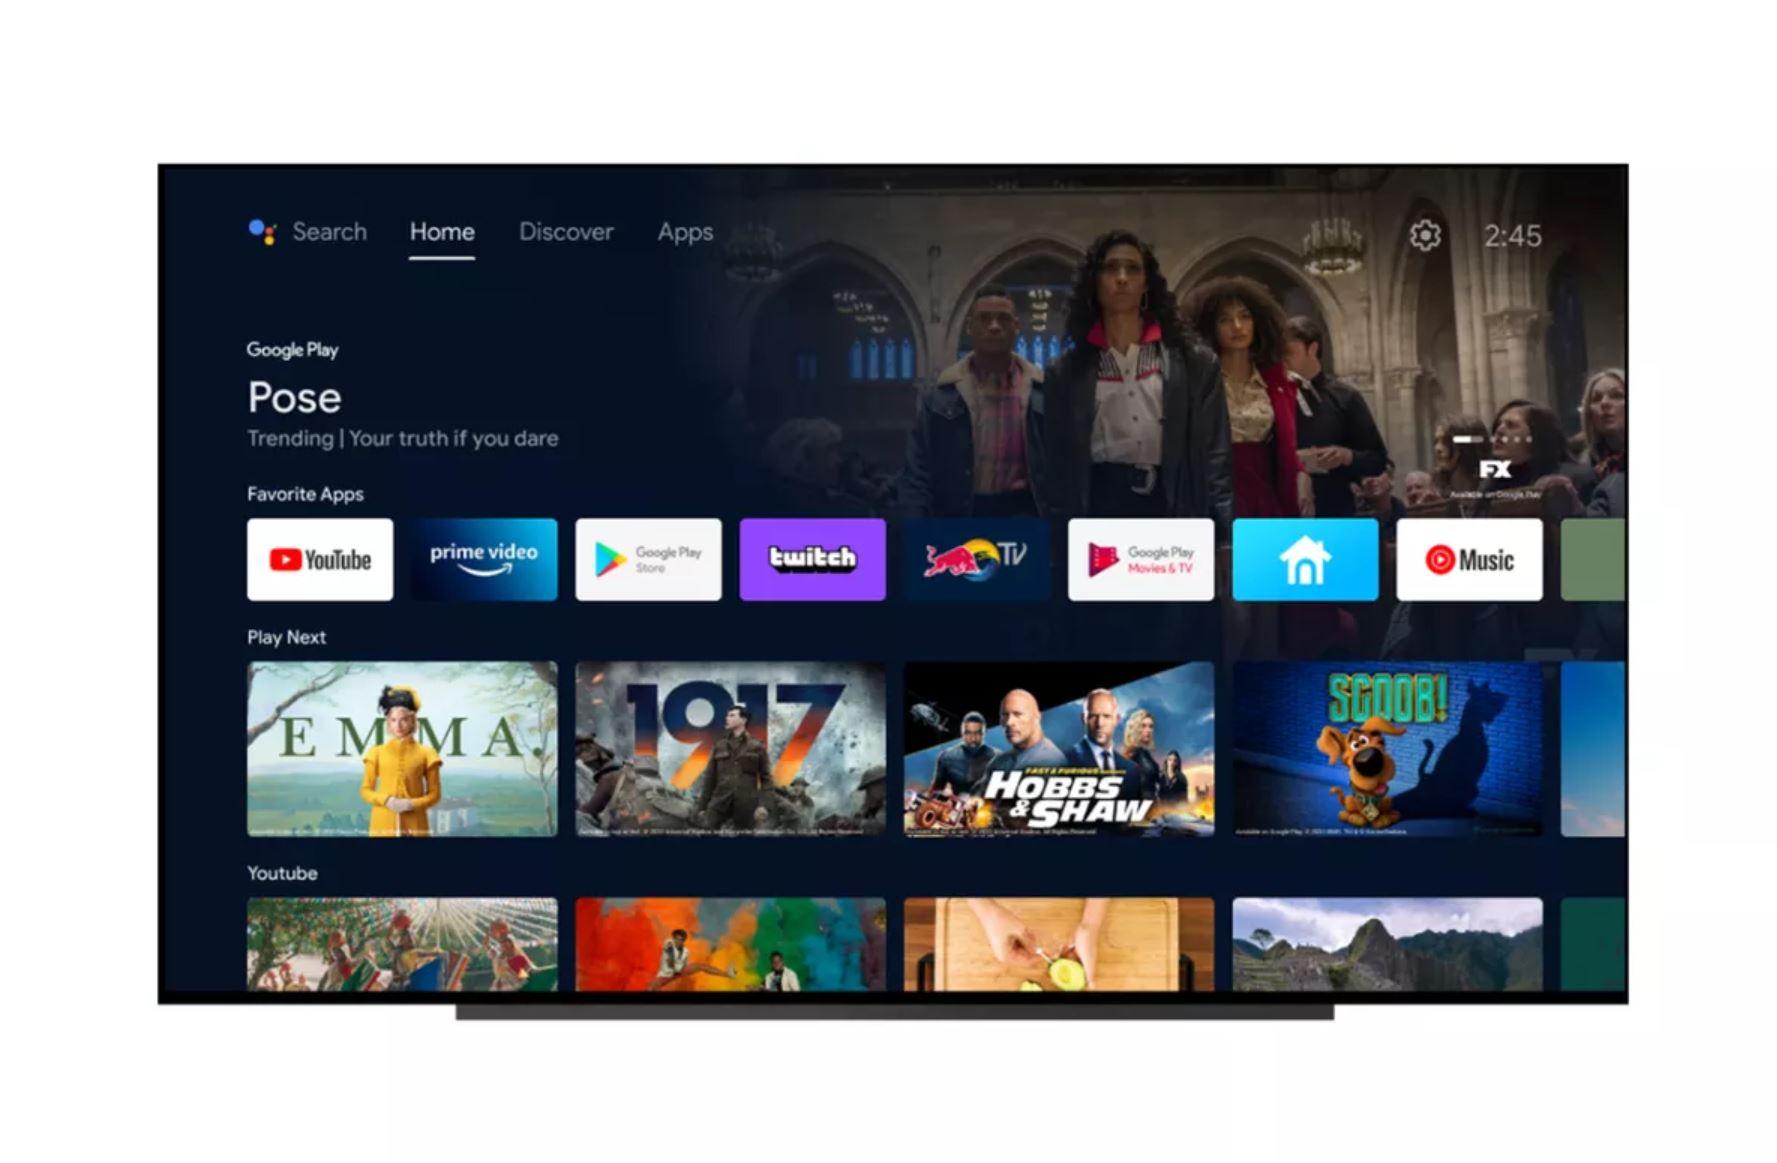 Android TV: Google-TV-ähnliche Oberfläche wird ab sofort hierzulande verteilt - Caschys Blog